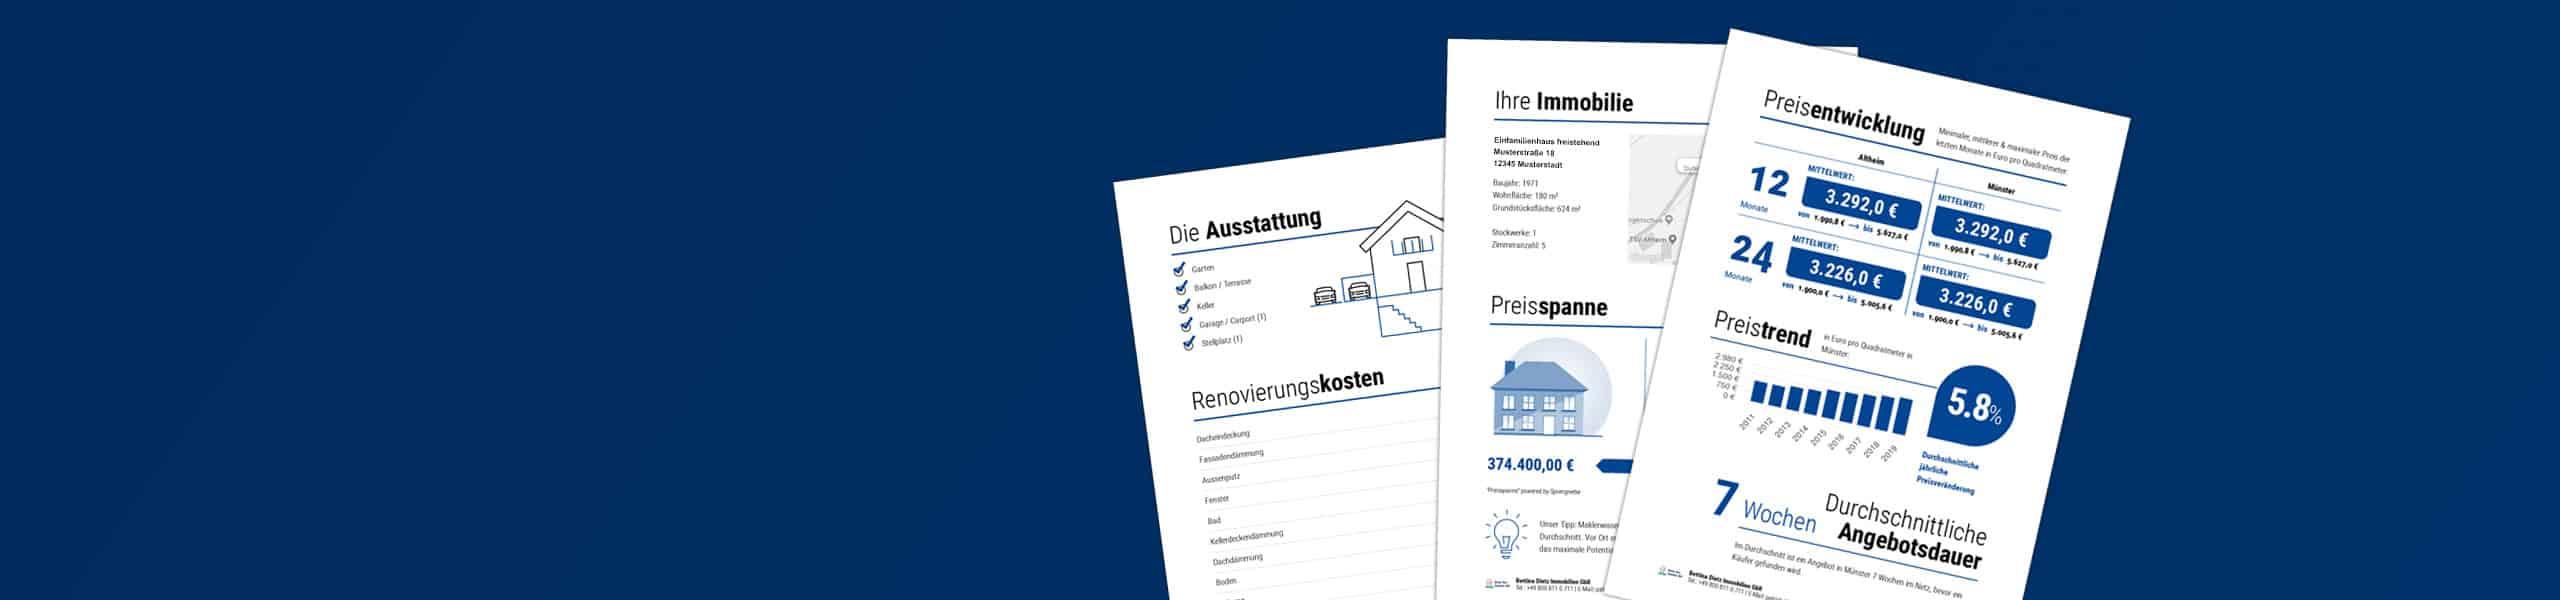 Online-Sofort-Wertanalyse ihrer Immobilie in nur 5min. Einfach Daten ihrer Immobilie eingeben und Wert erhalten!